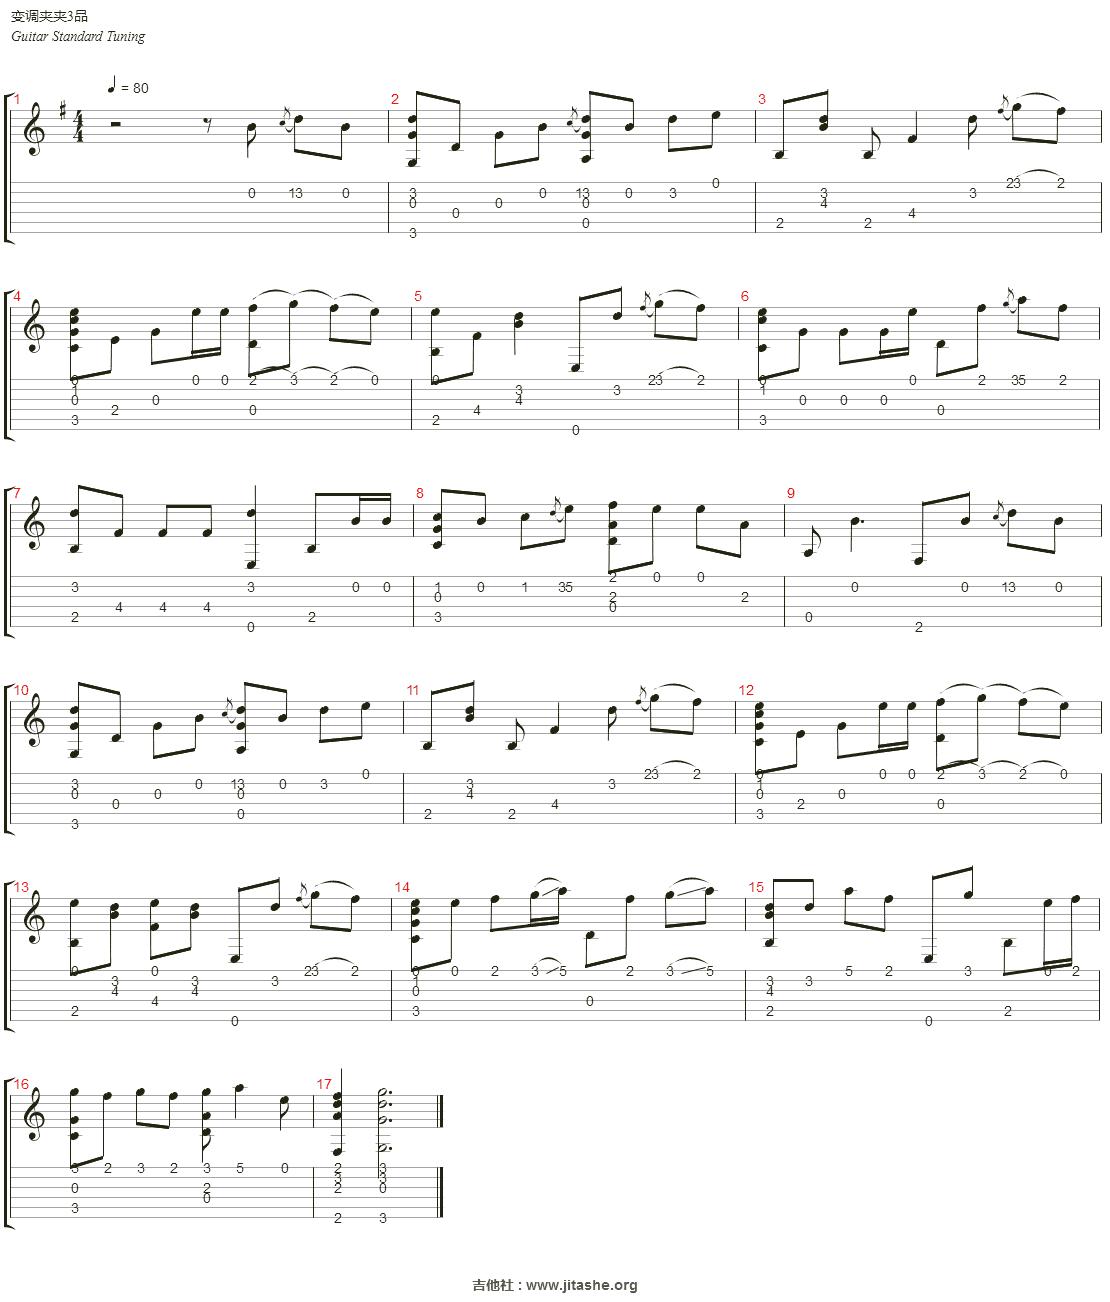 下次下次吉他谱(音轨 1)_薛凯琪